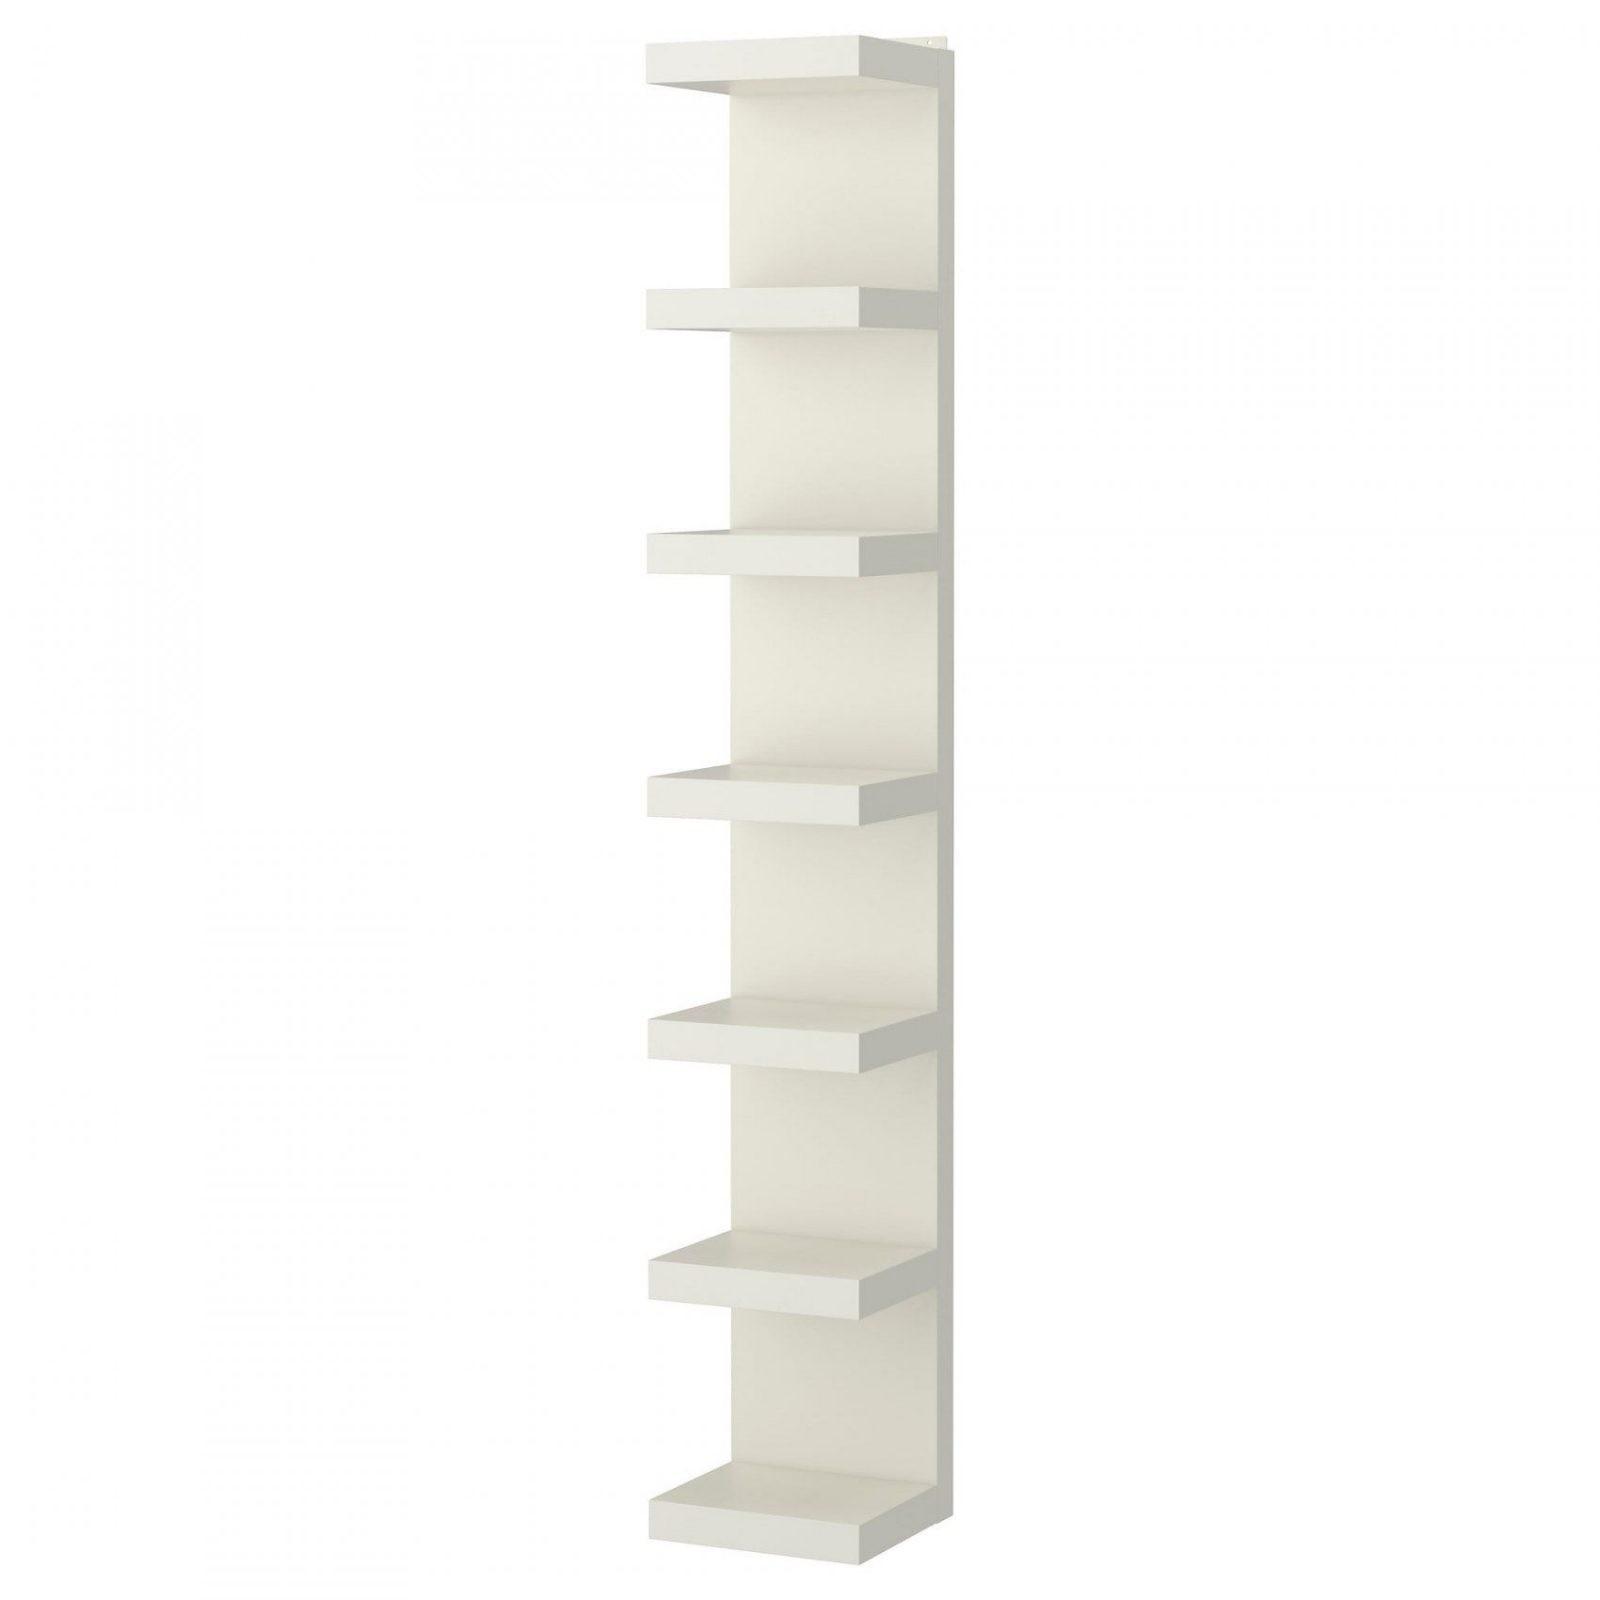 Lack Wandregal  Weiß  Ikea von Ikea Lack Wandregal Weiß Photo